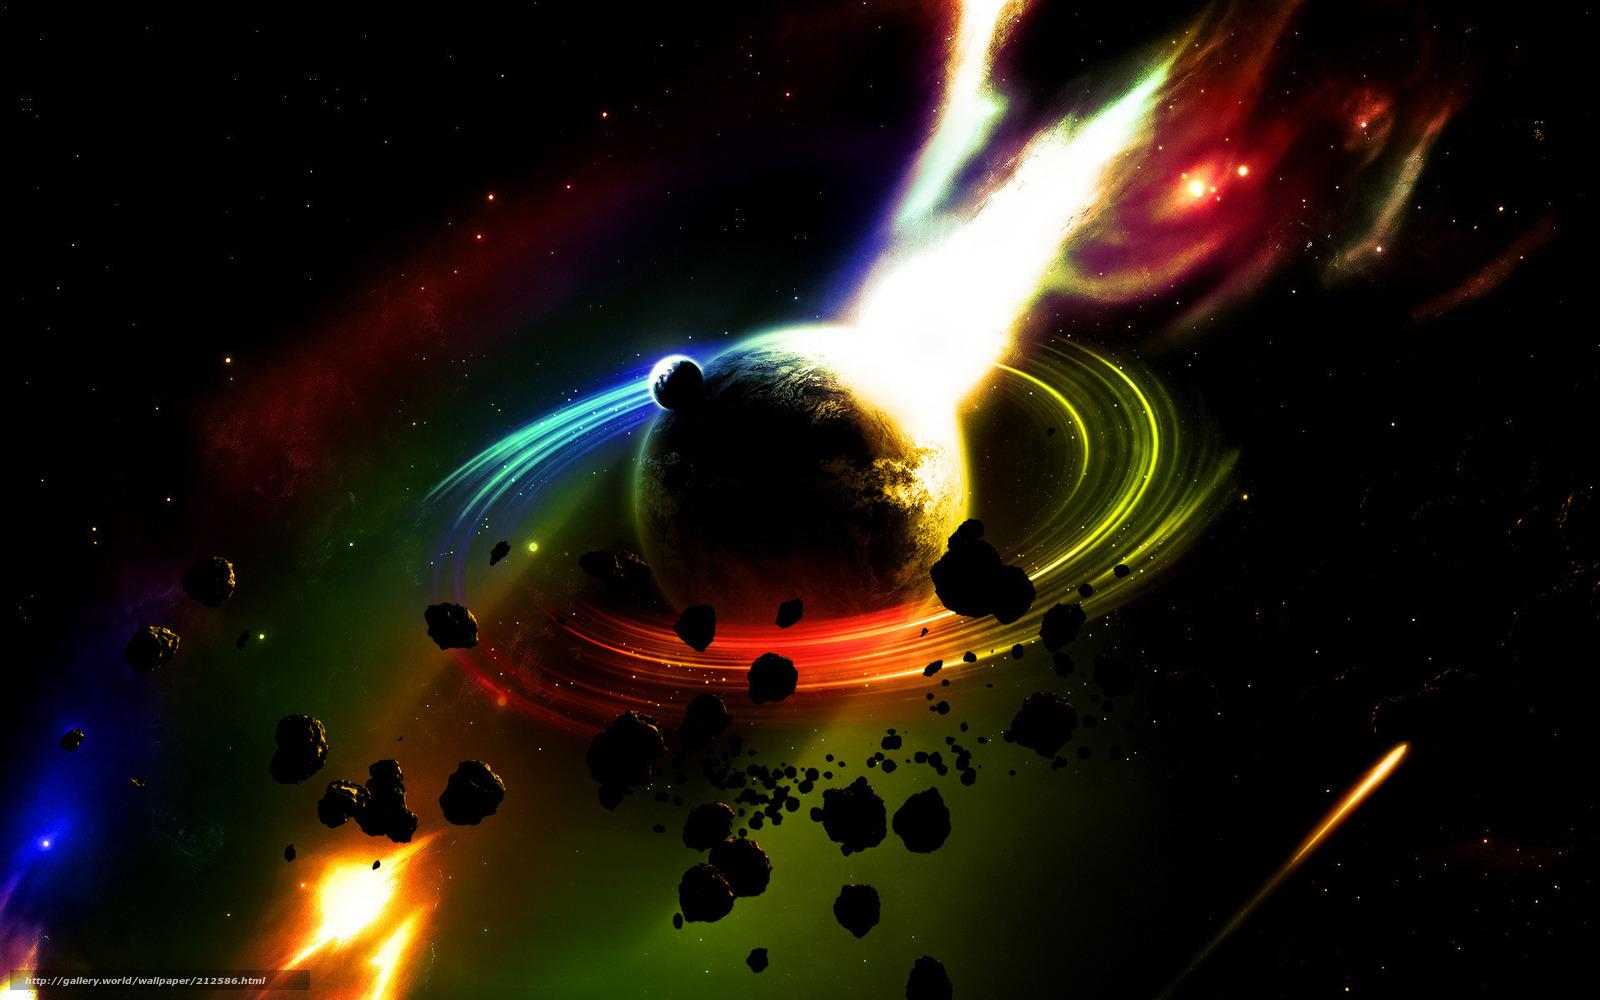 壁紙をダウンロード 土星 火災 隕石 デスクトップの解像度のための無料壁紙 19x10 絵